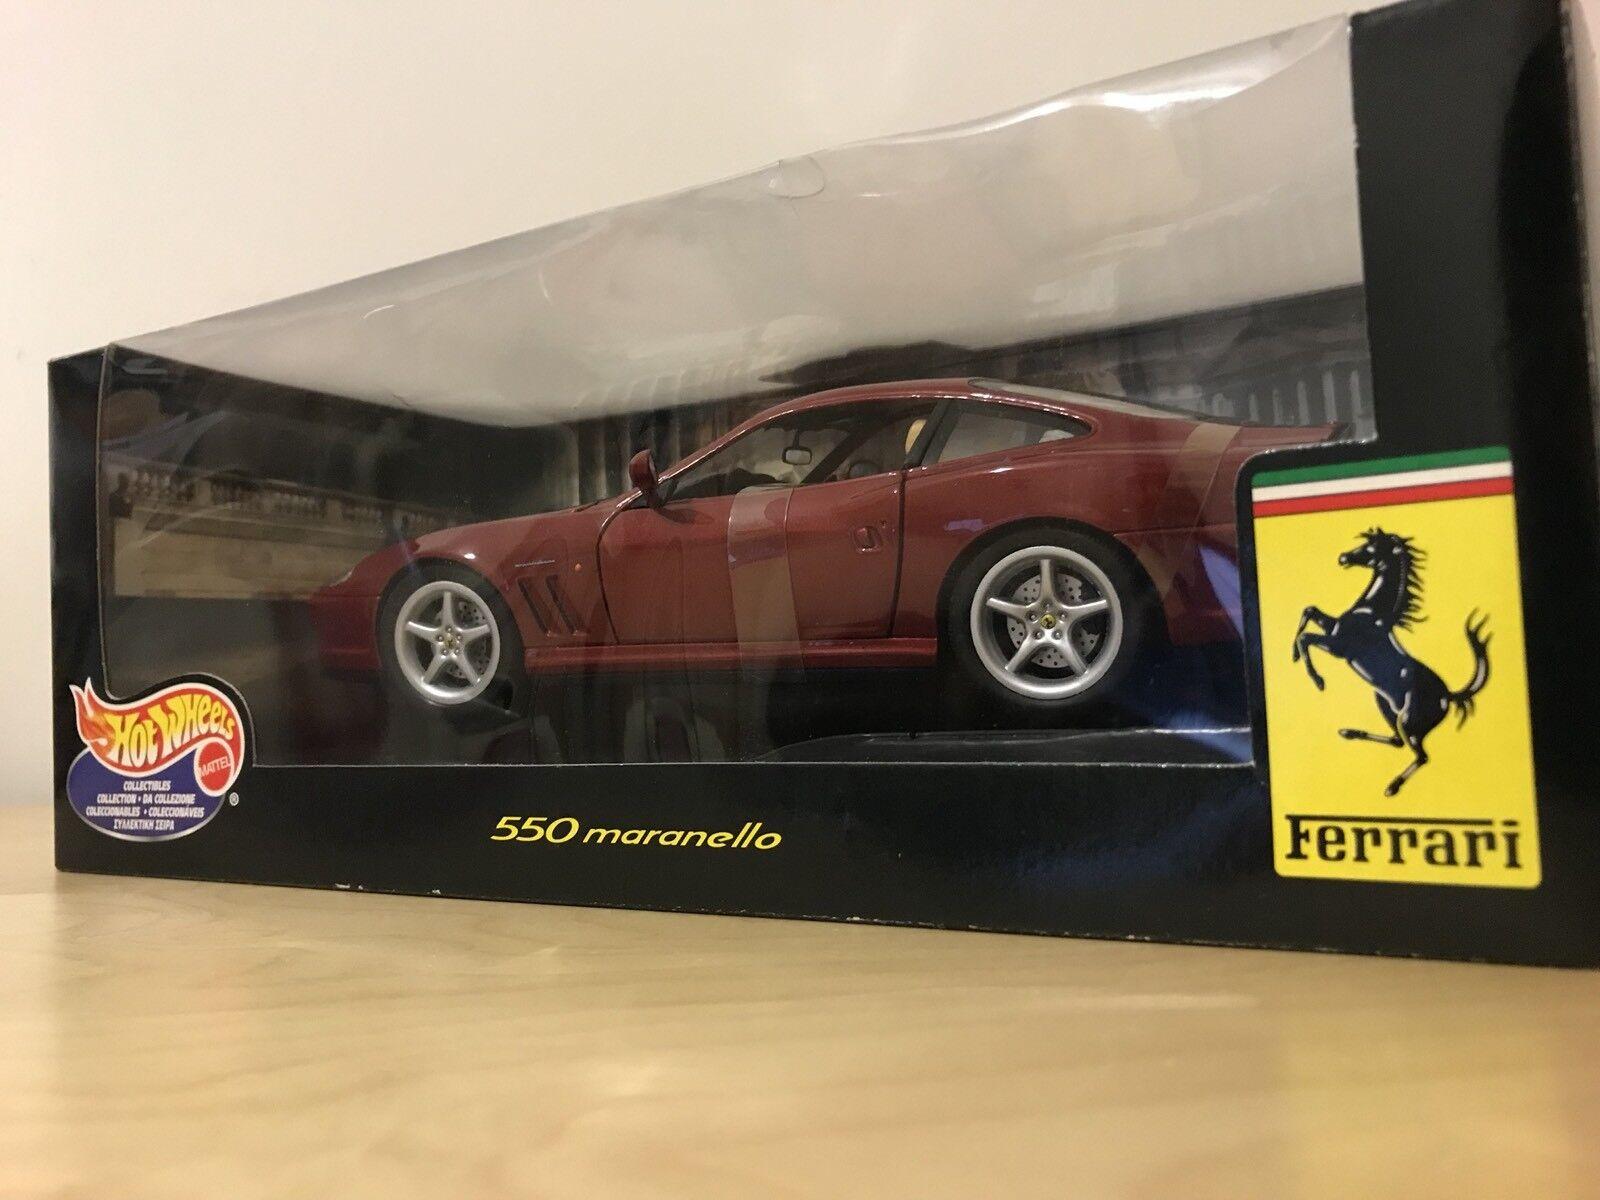 salida Hot Wheels 1 18 Escala-Ferrari 550 Maranello-Rojo Maranello-Rojo Maranello-Rojo Oscuro-Hotwheels Nuevo  precios bajos todos los dias